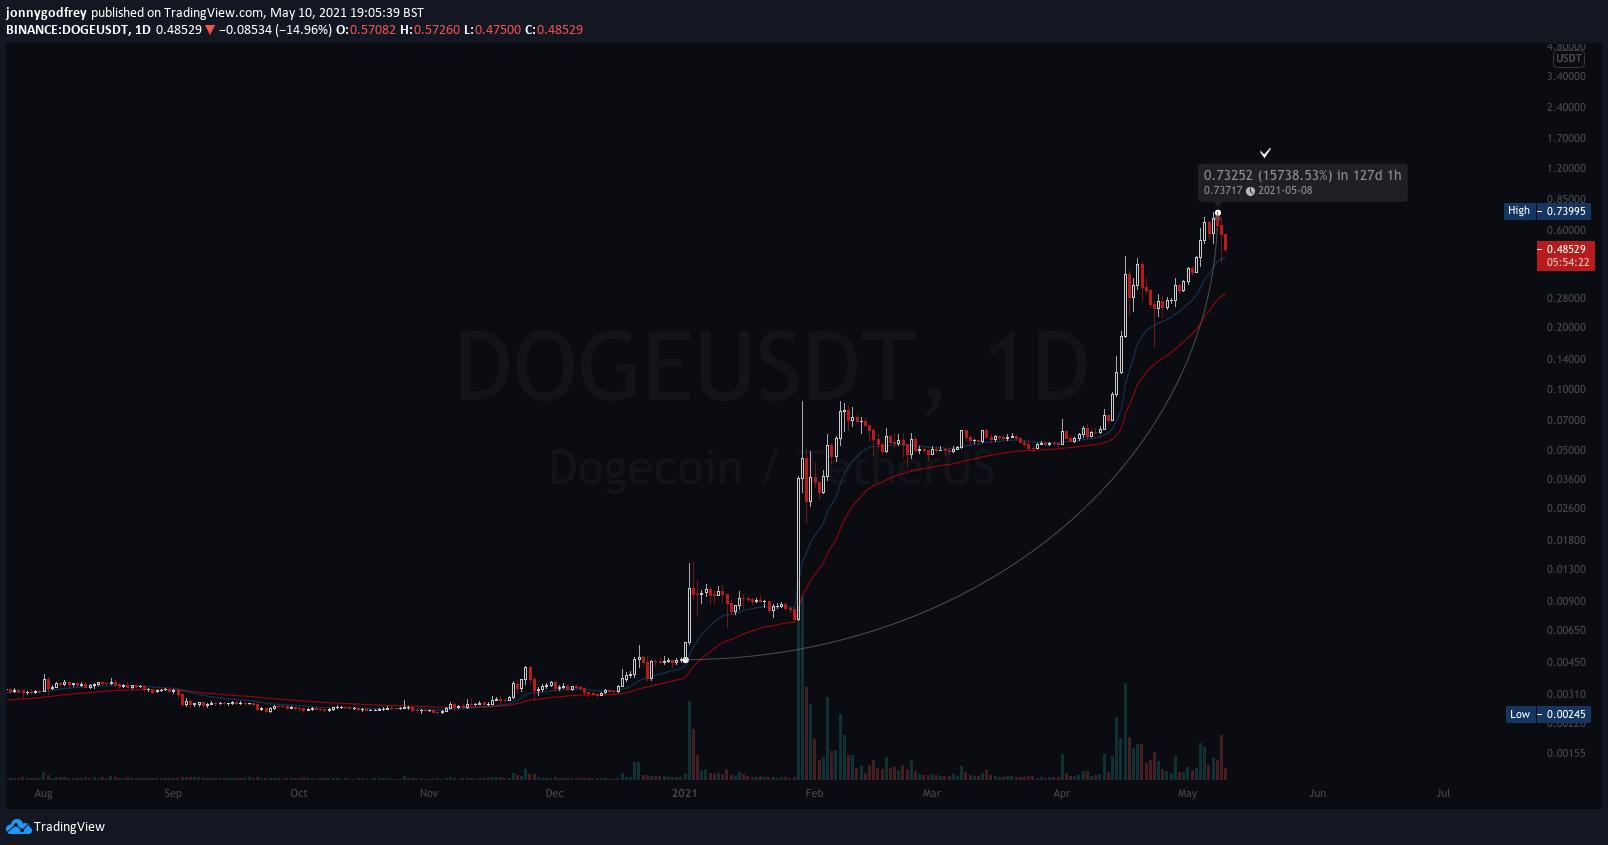 DOGEUSDT daily chart